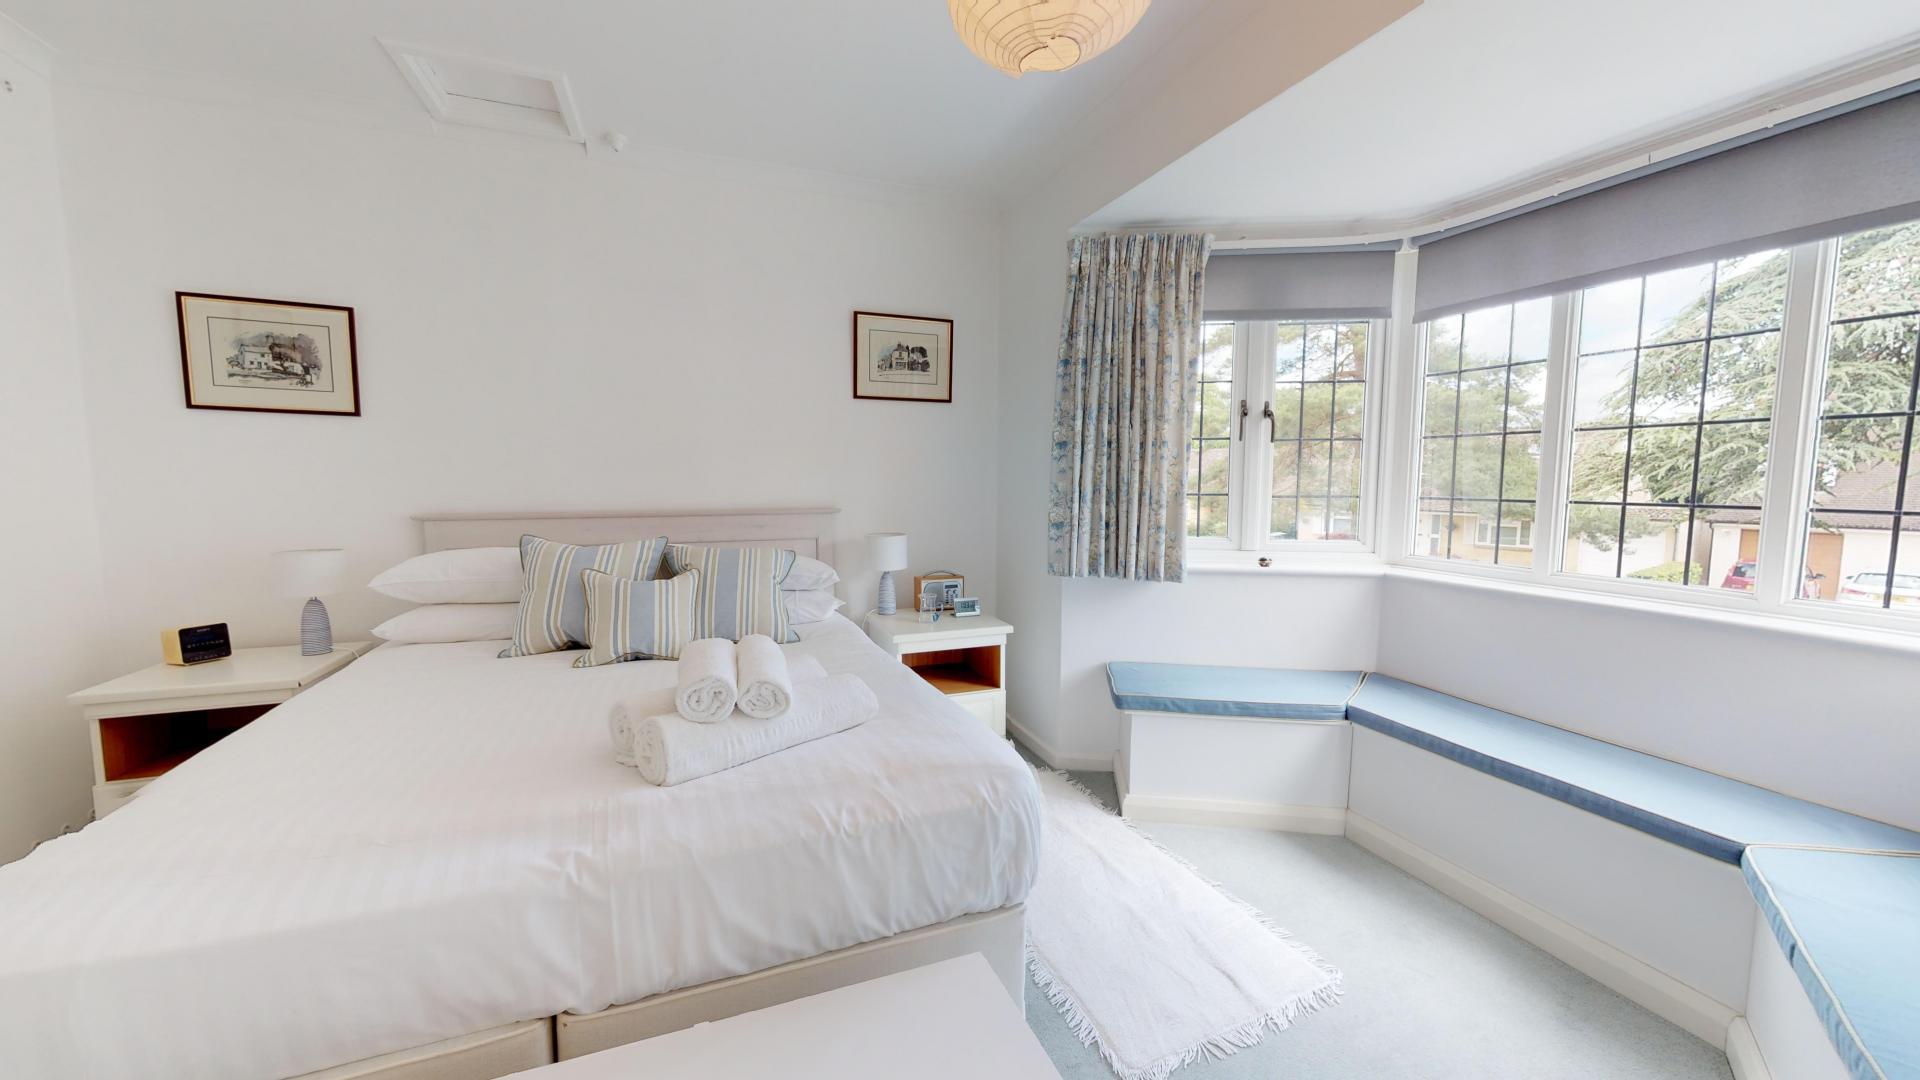 Bedroom at Blenheim Gate House, Centre, Woodstock